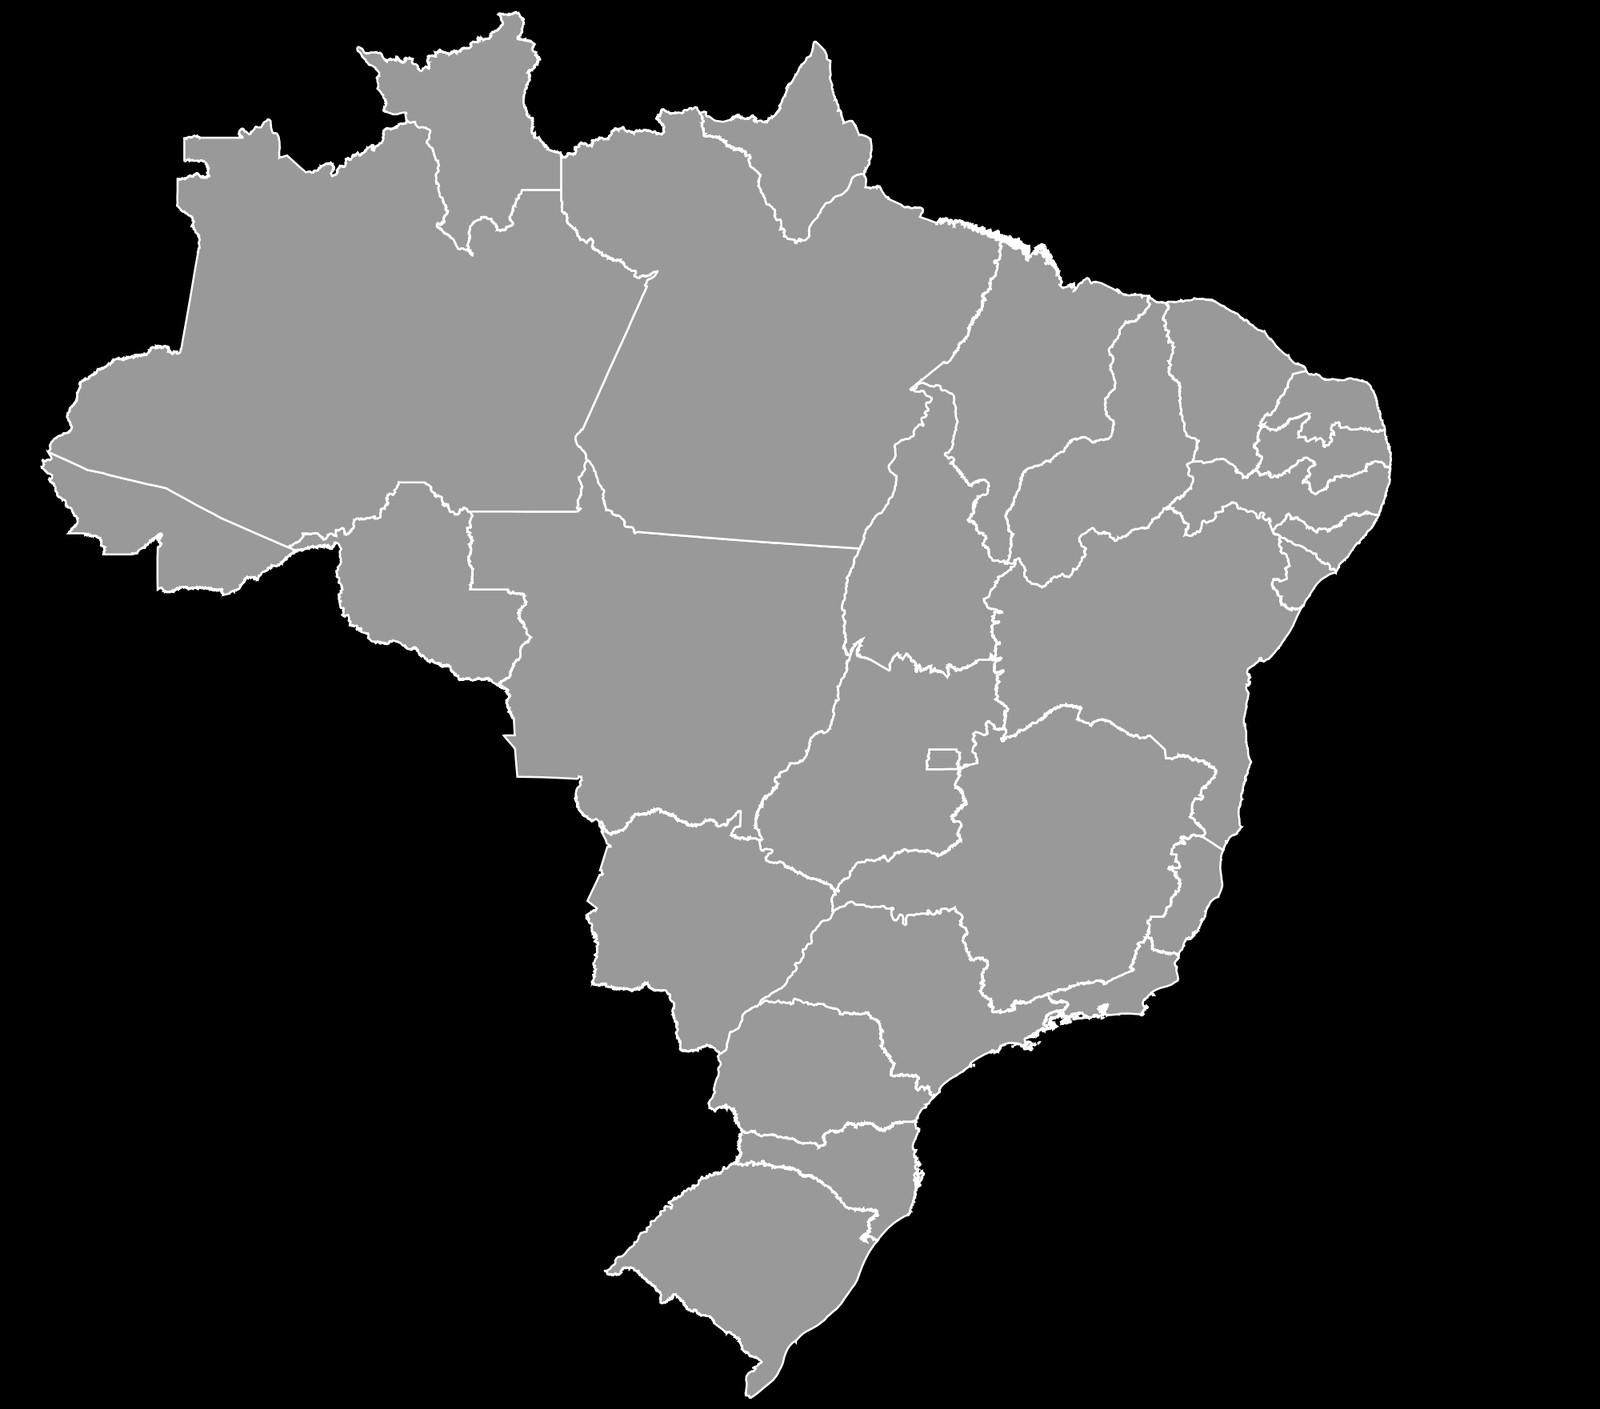 Brasil mapa estados.png.